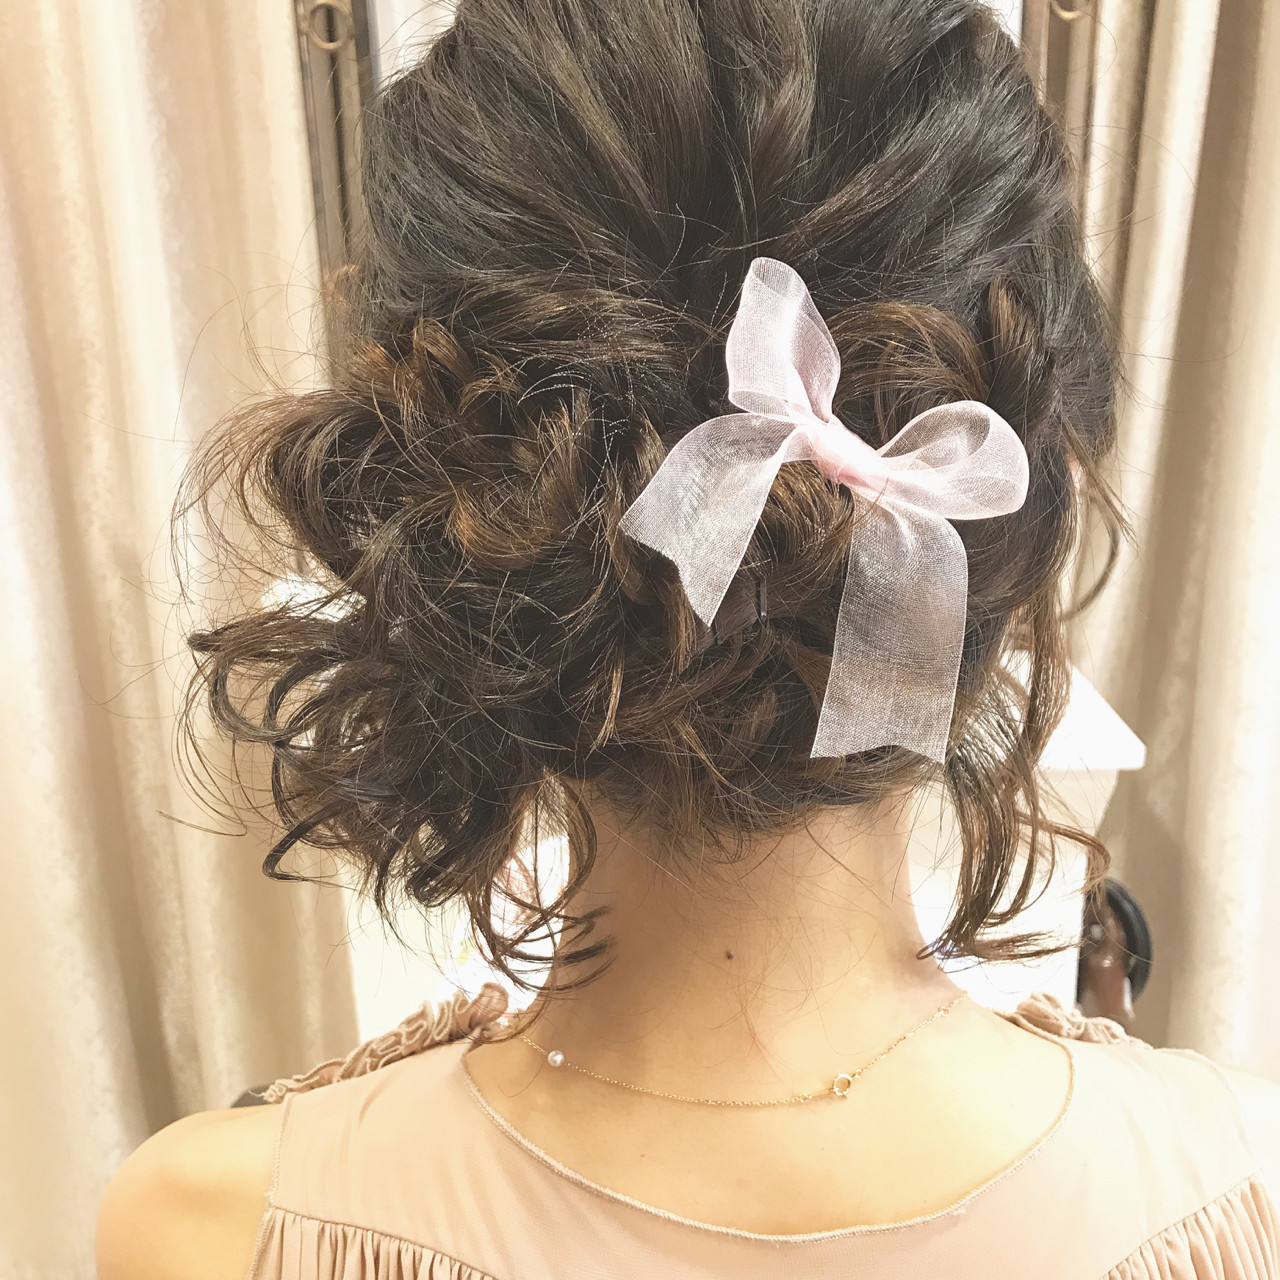 リボンをつけて大人可愛い編み込みヘアに 大平 結花